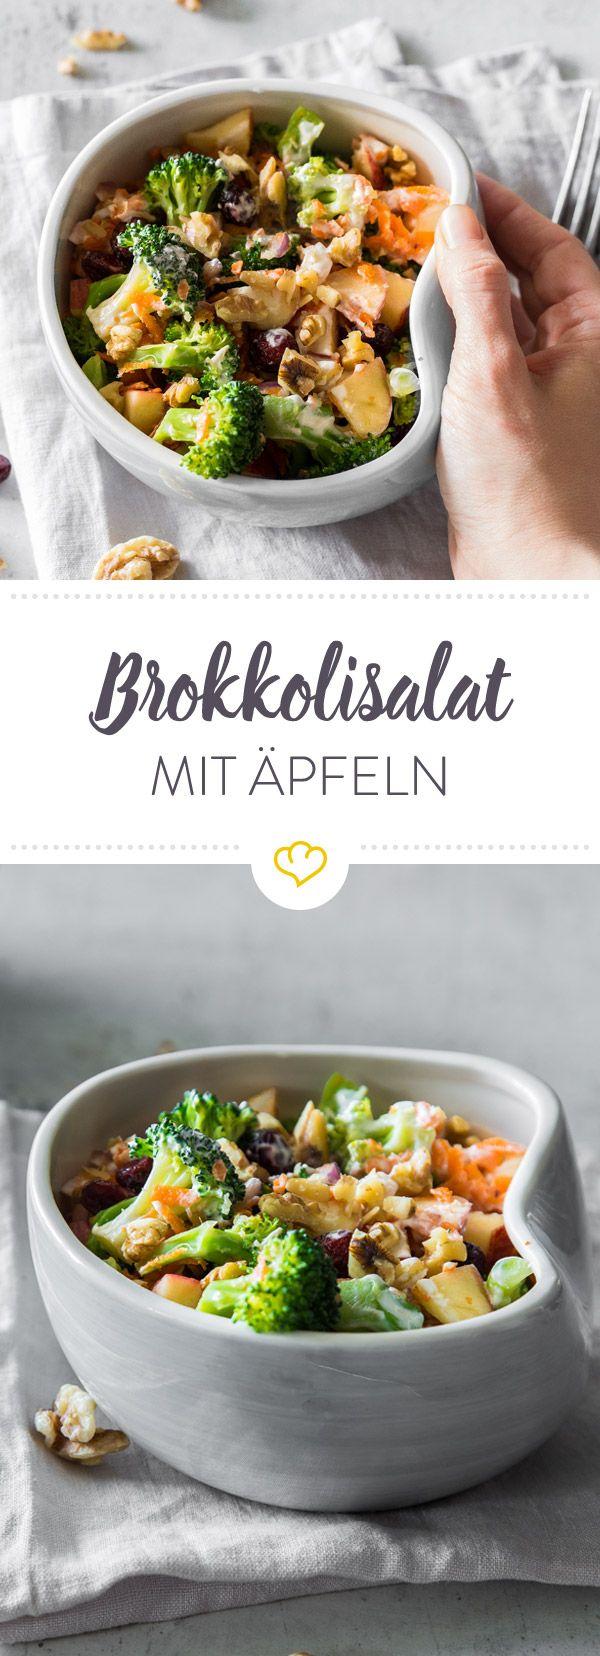 Grün und gesund: Probier doch mal einen leichten Salat mit knackigem Brokkoli, süßen Äpfeln und feinen Möhrenstreifen getoppt von Walnüssen und Cranberries.